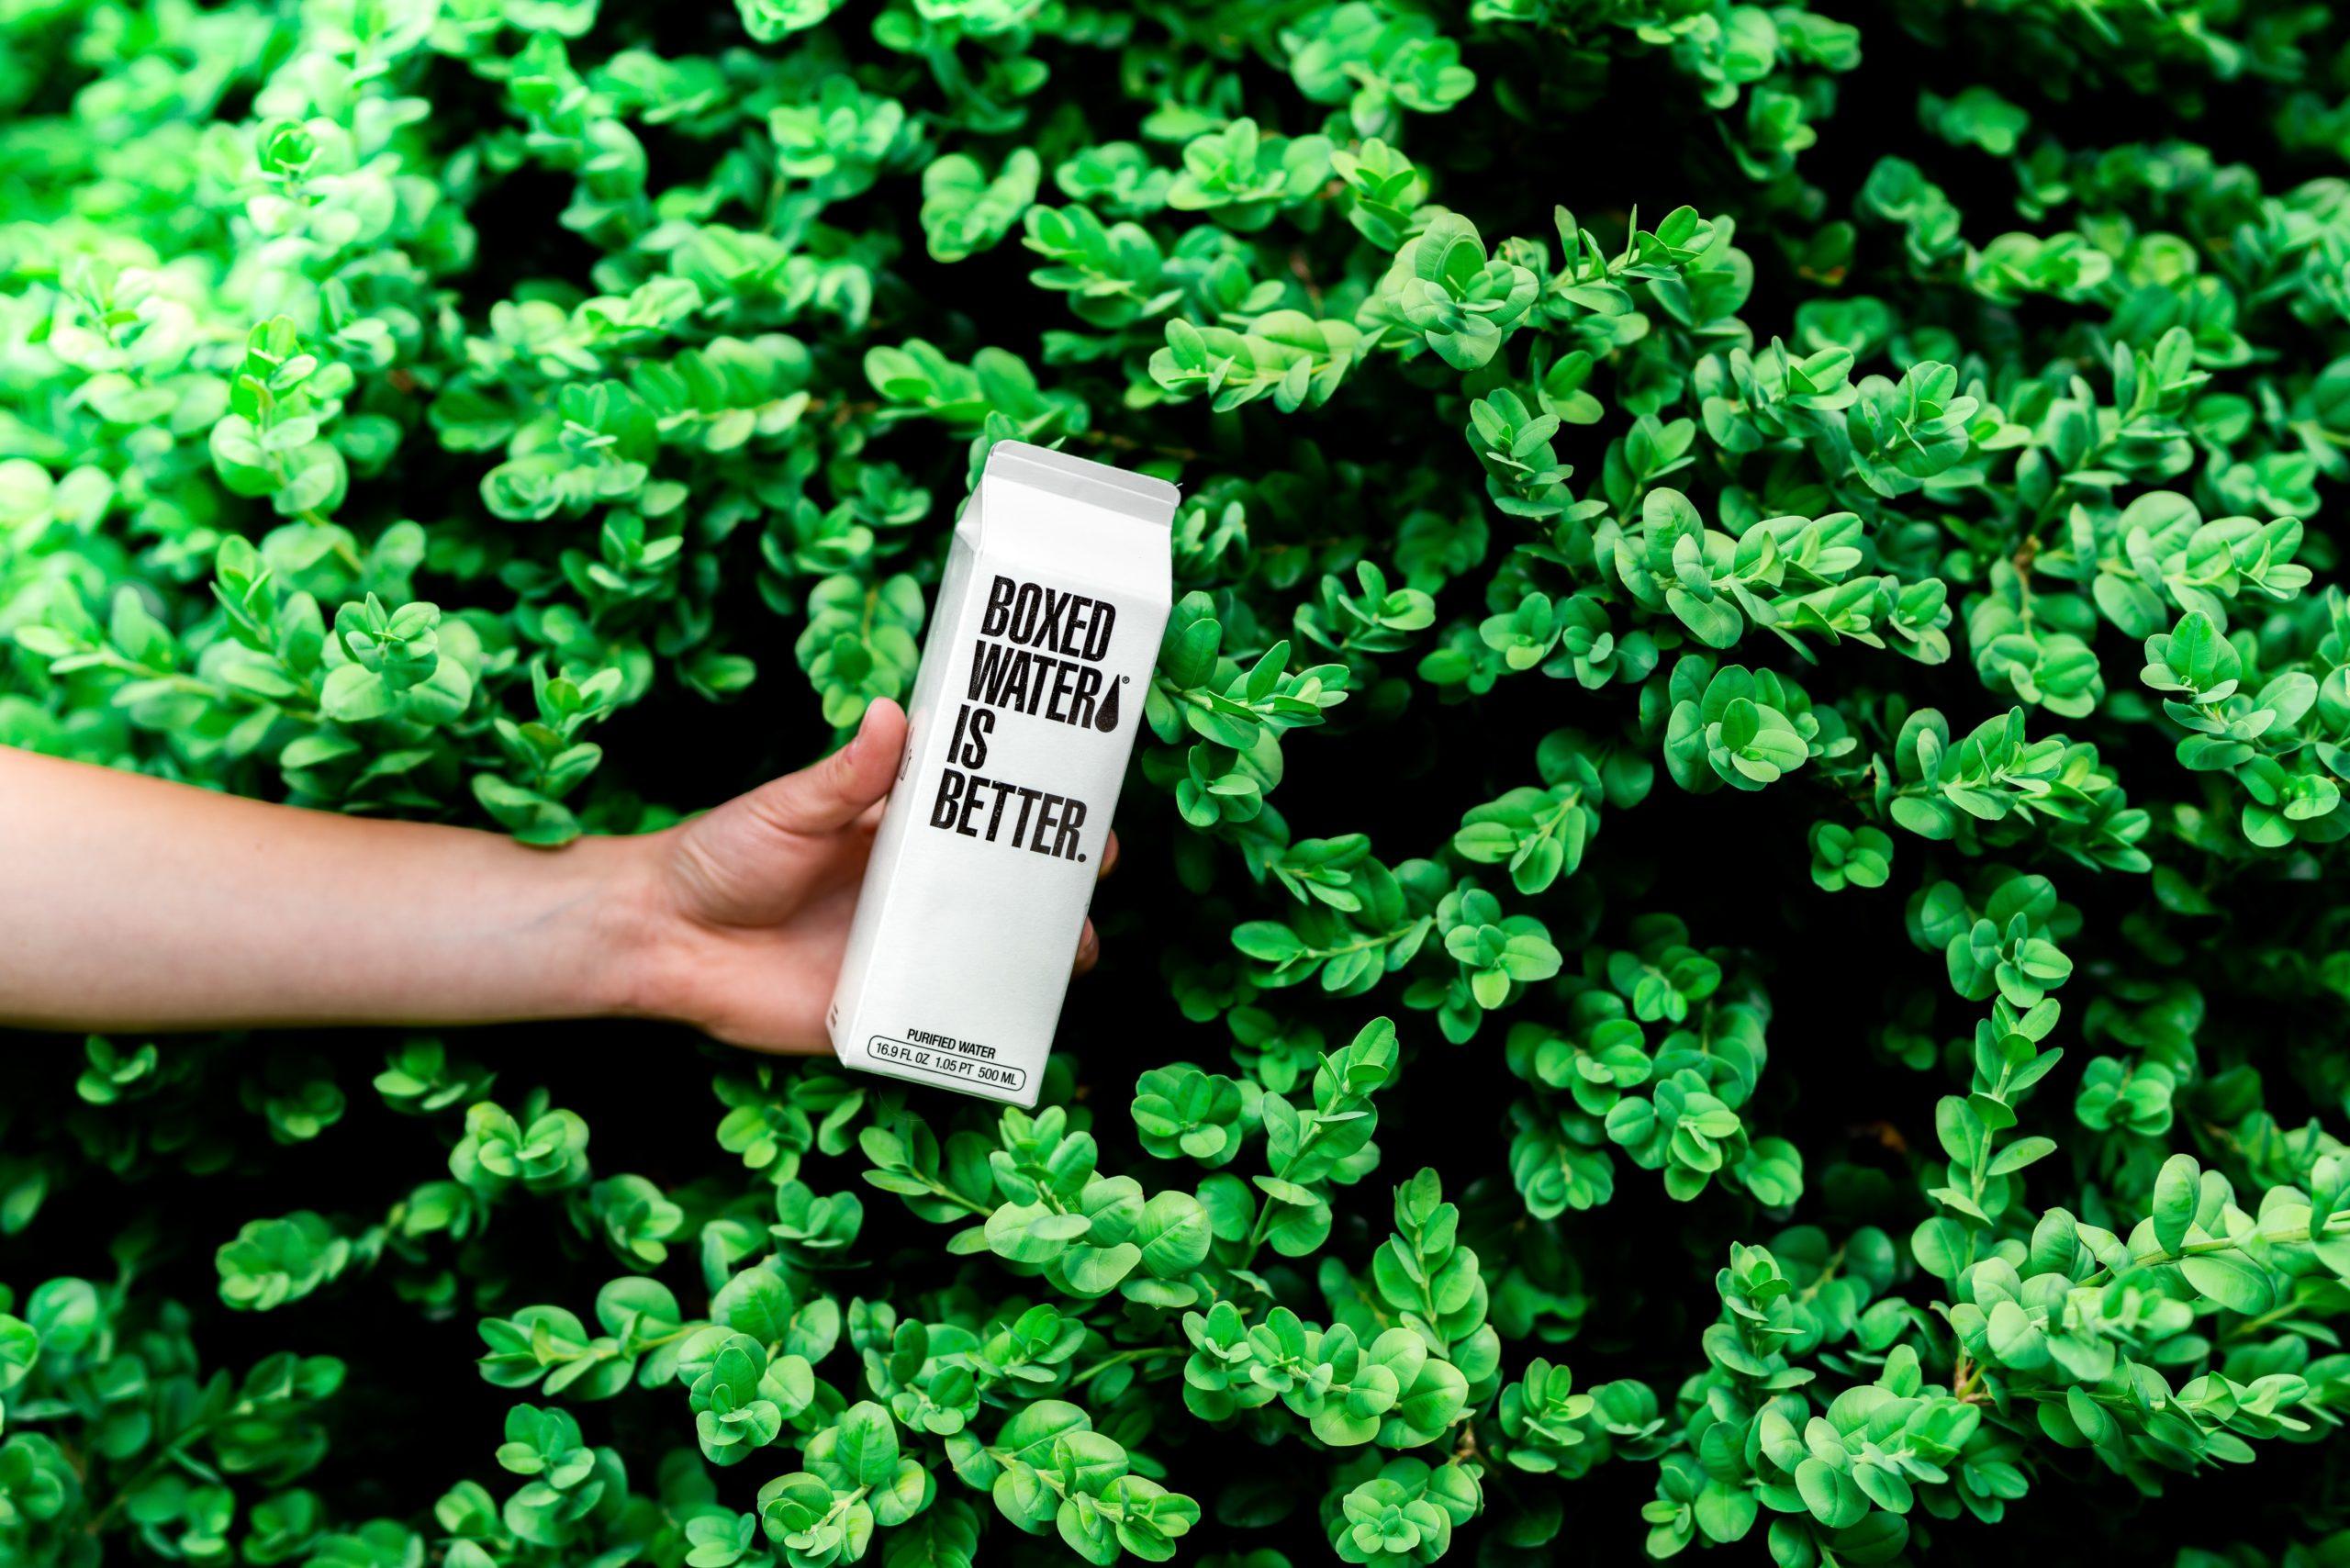 """Ręka trzymająca karton z napisem """"boxed water is better"""", z tyłu tło z zielonych liści"""